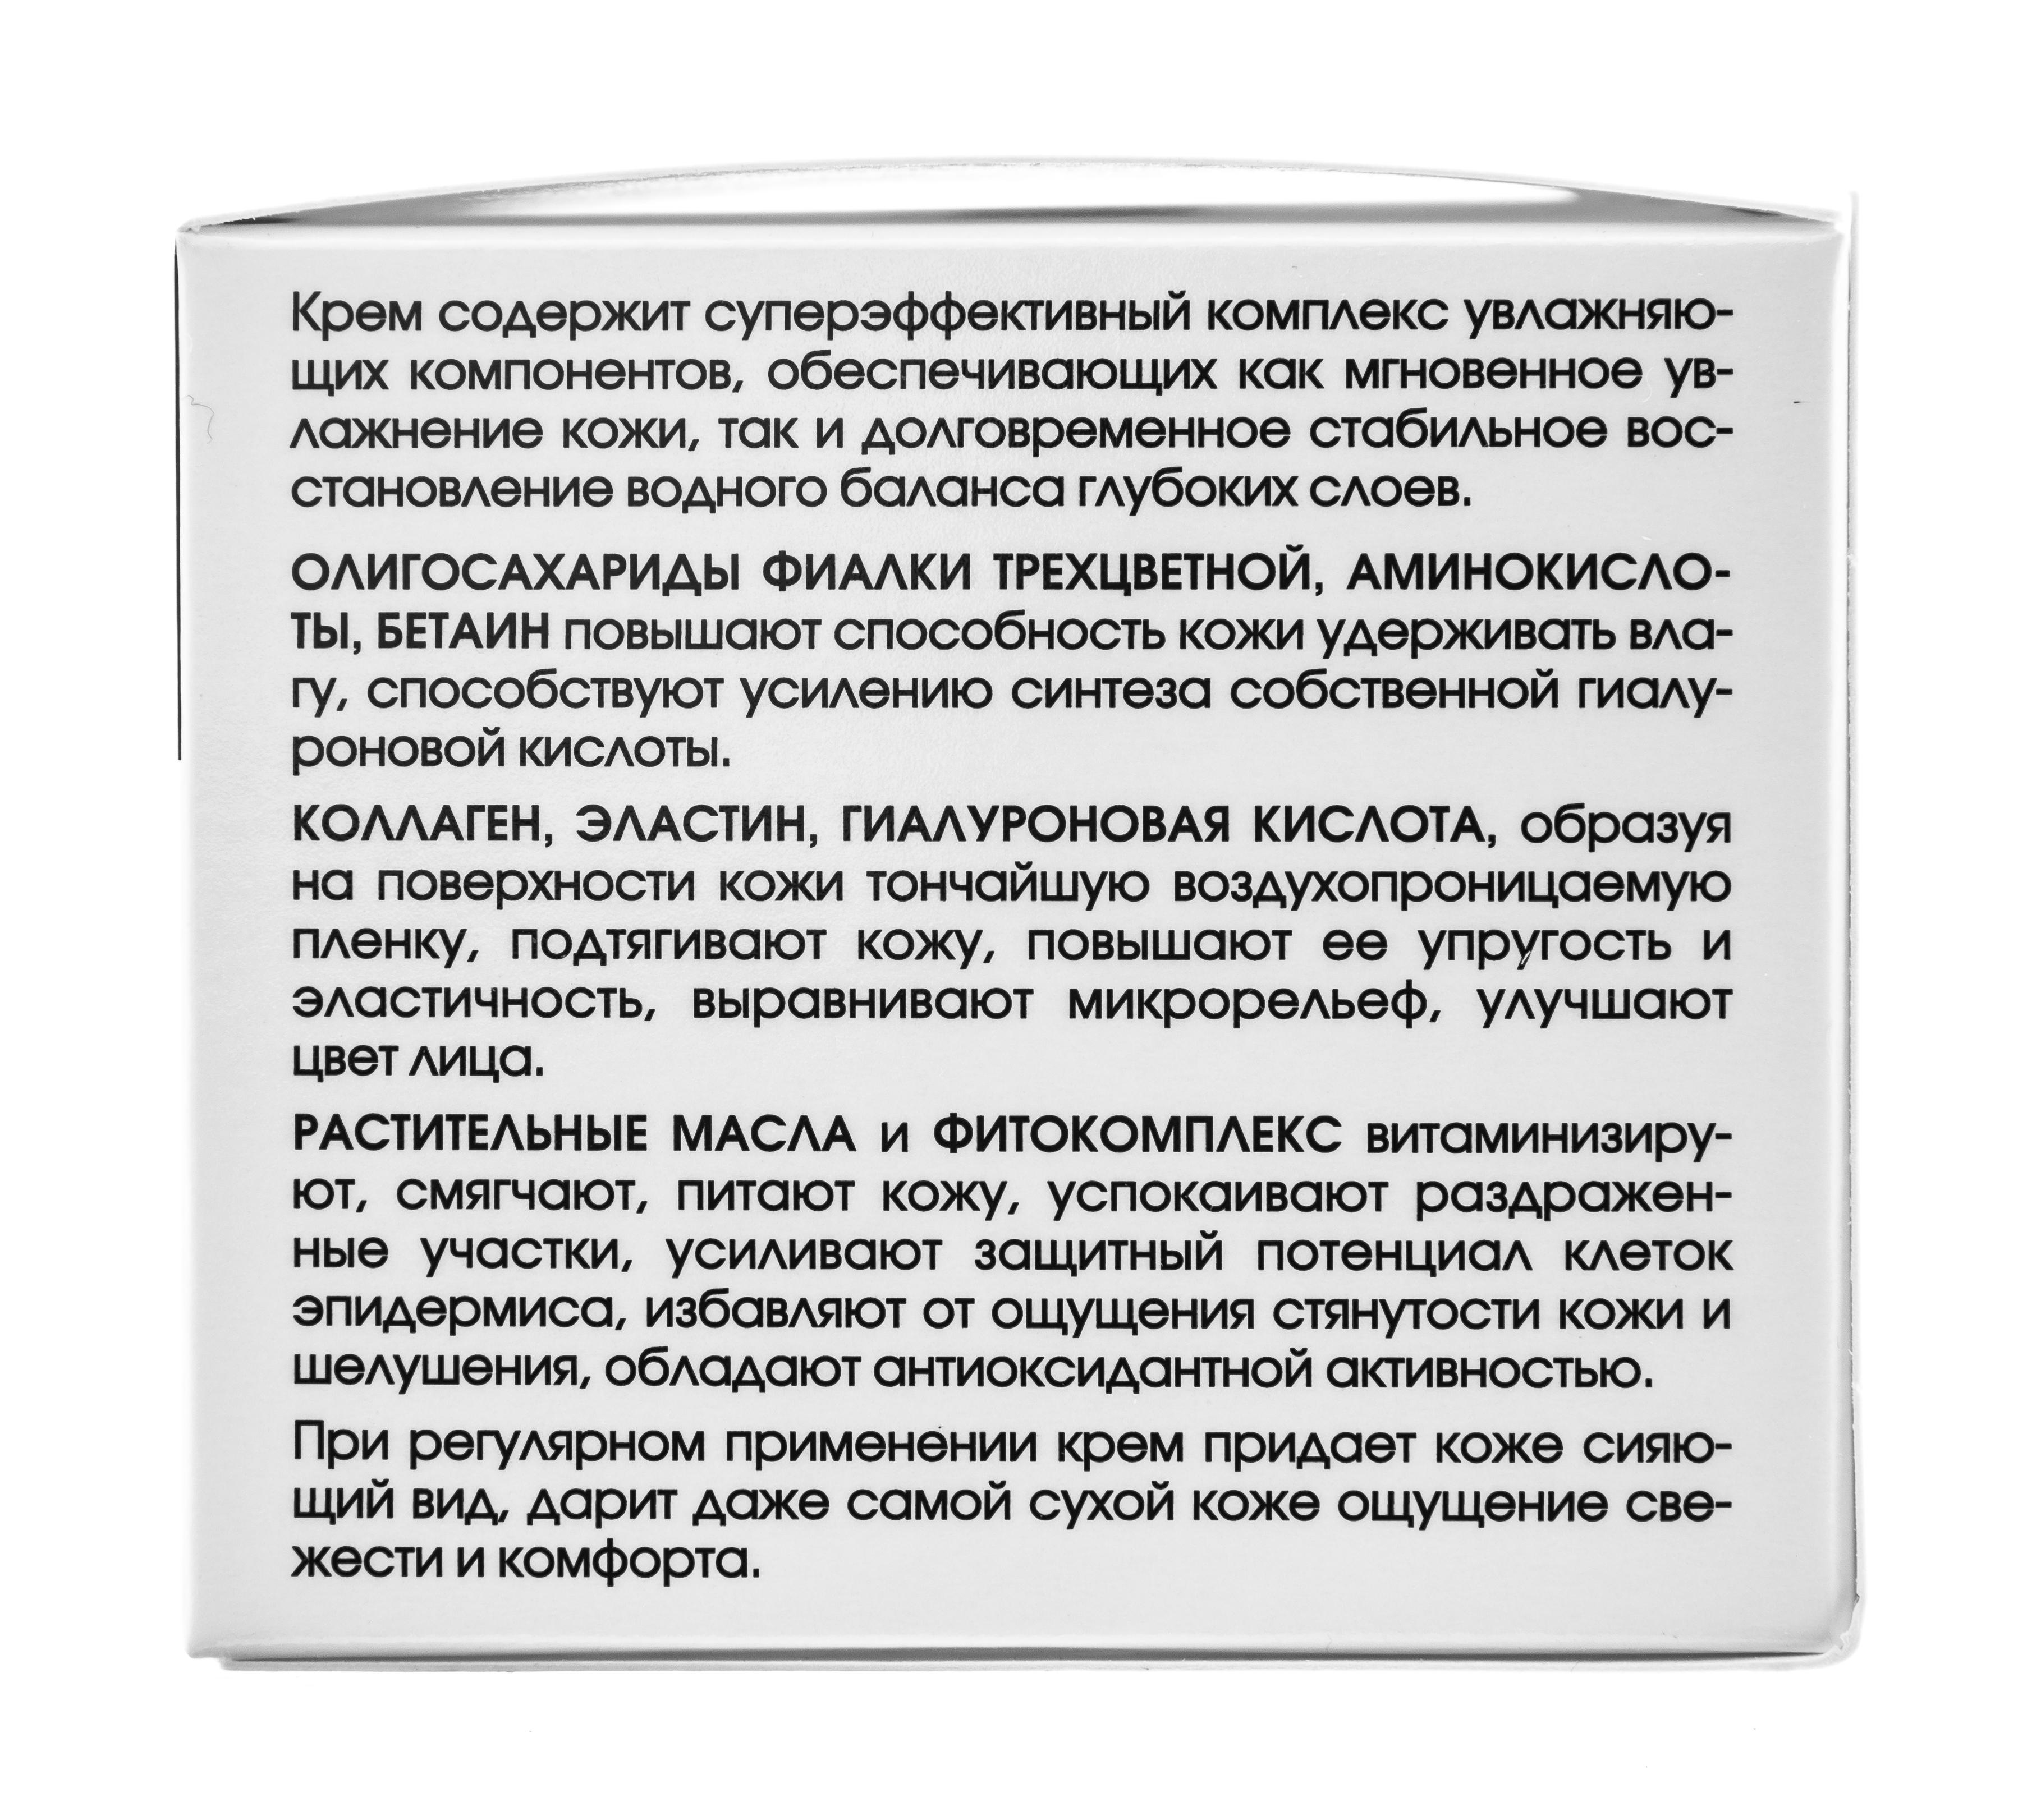 Крема для лица своими руками отзывы фото 399